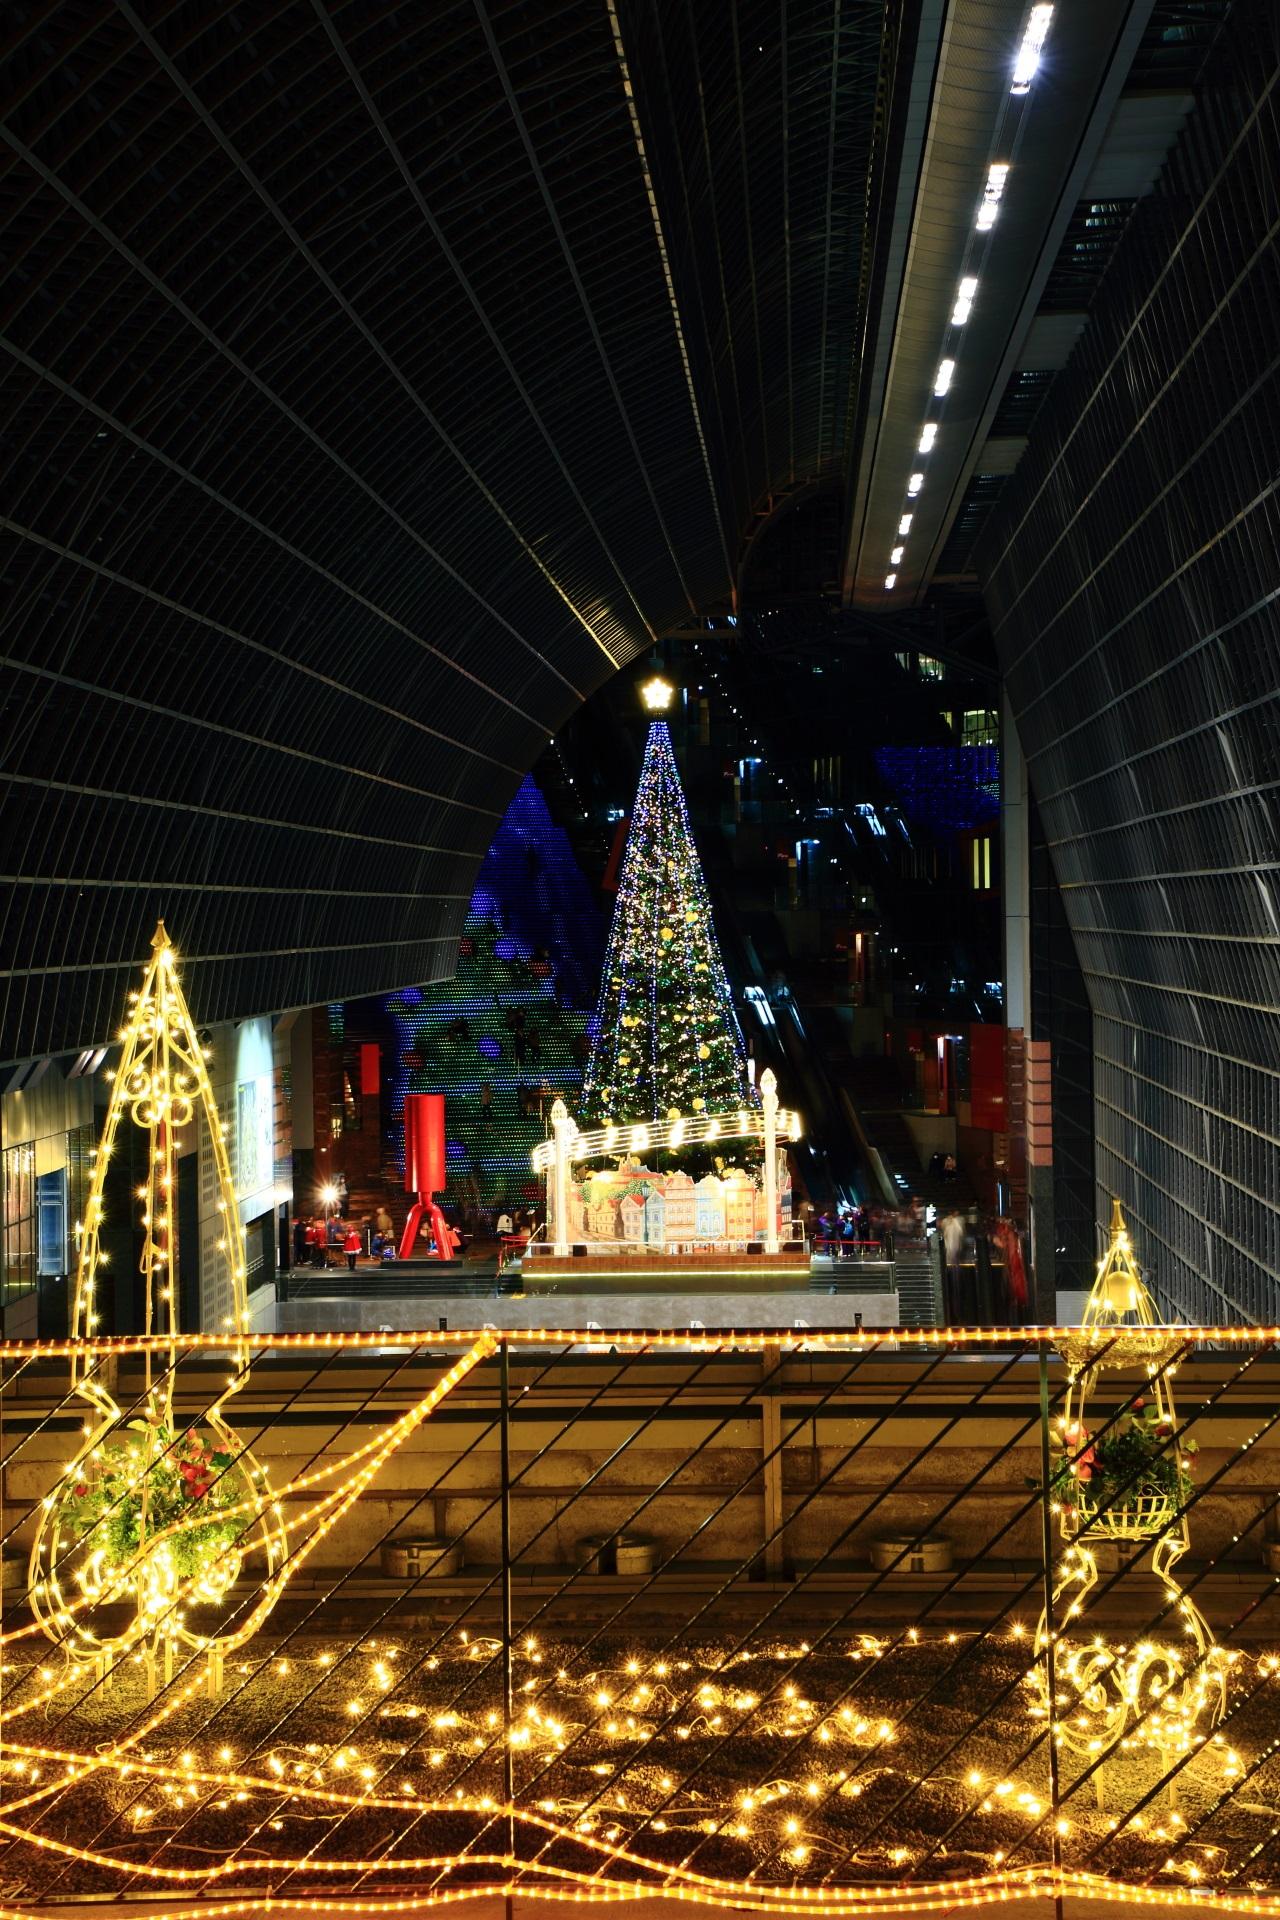 イルミネーションと巨大クリスマスツリー